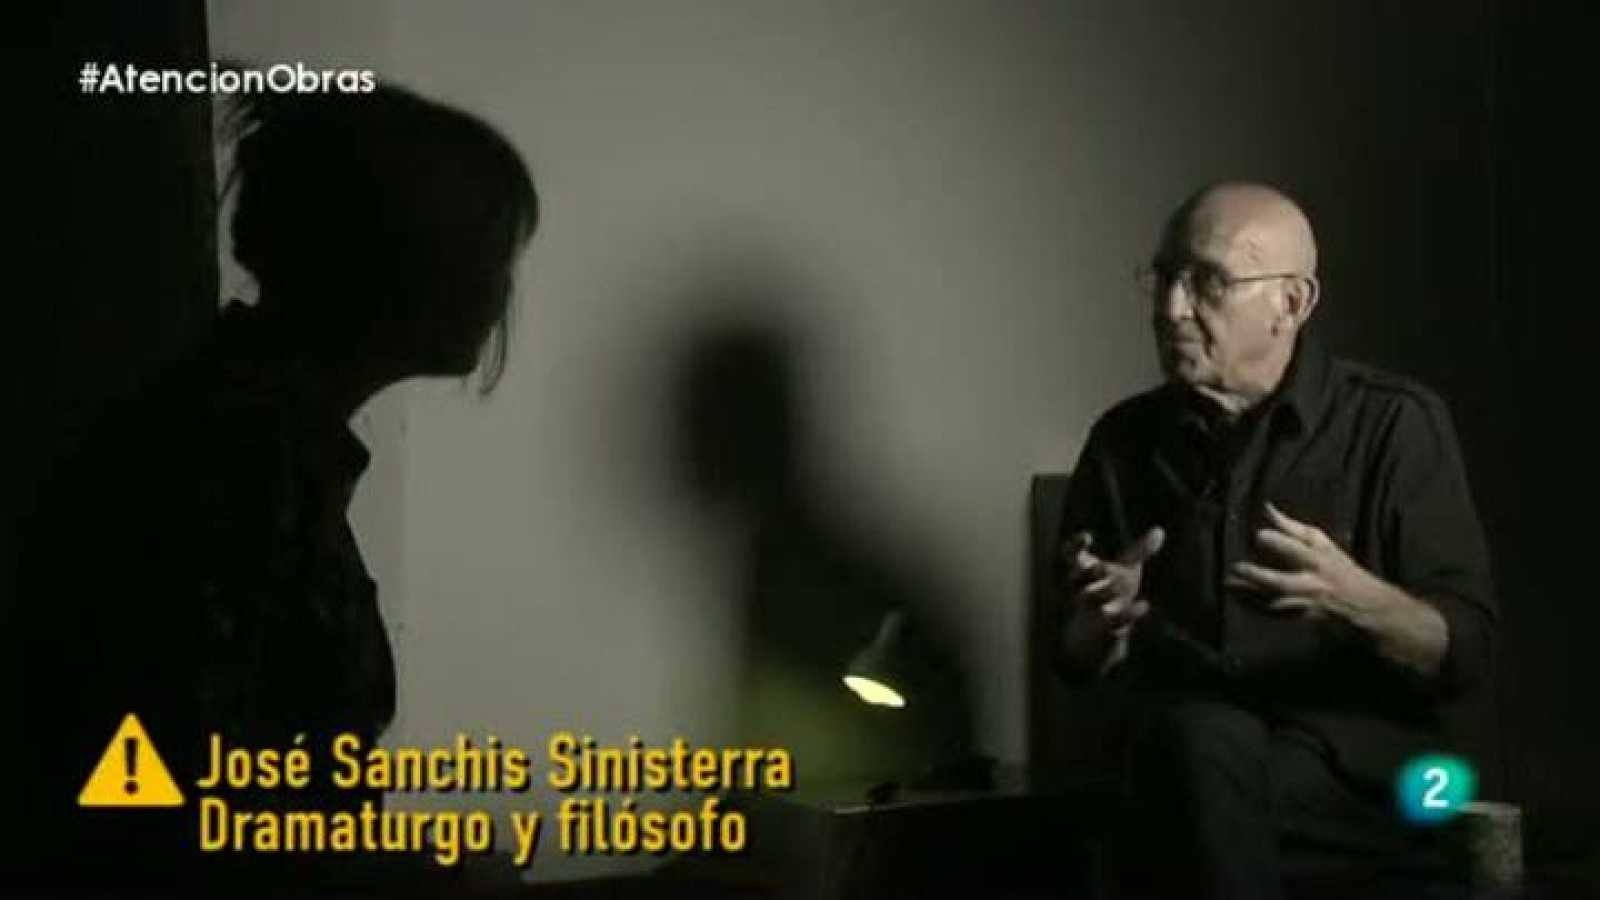 Atención obras -  José Sanchis Sinisterra